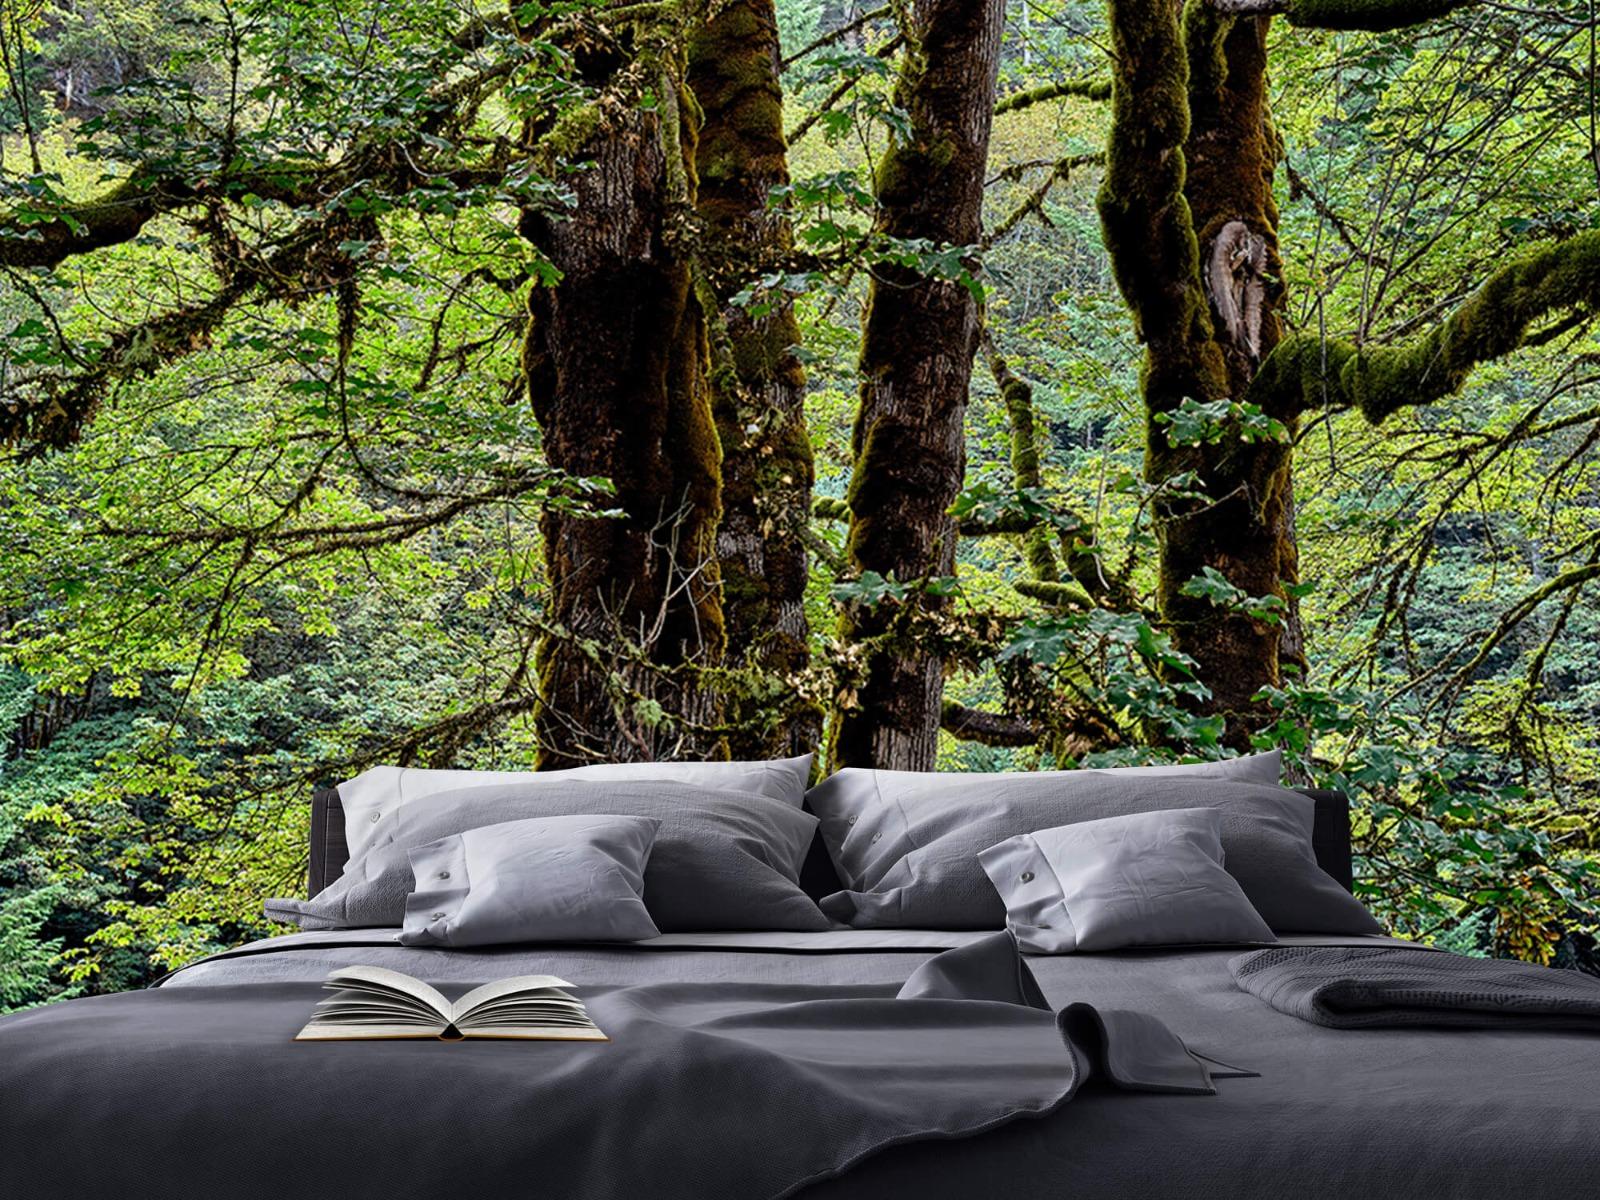 Bomen - Bomen met mos - Wallexclusive - Slaapkamer 18